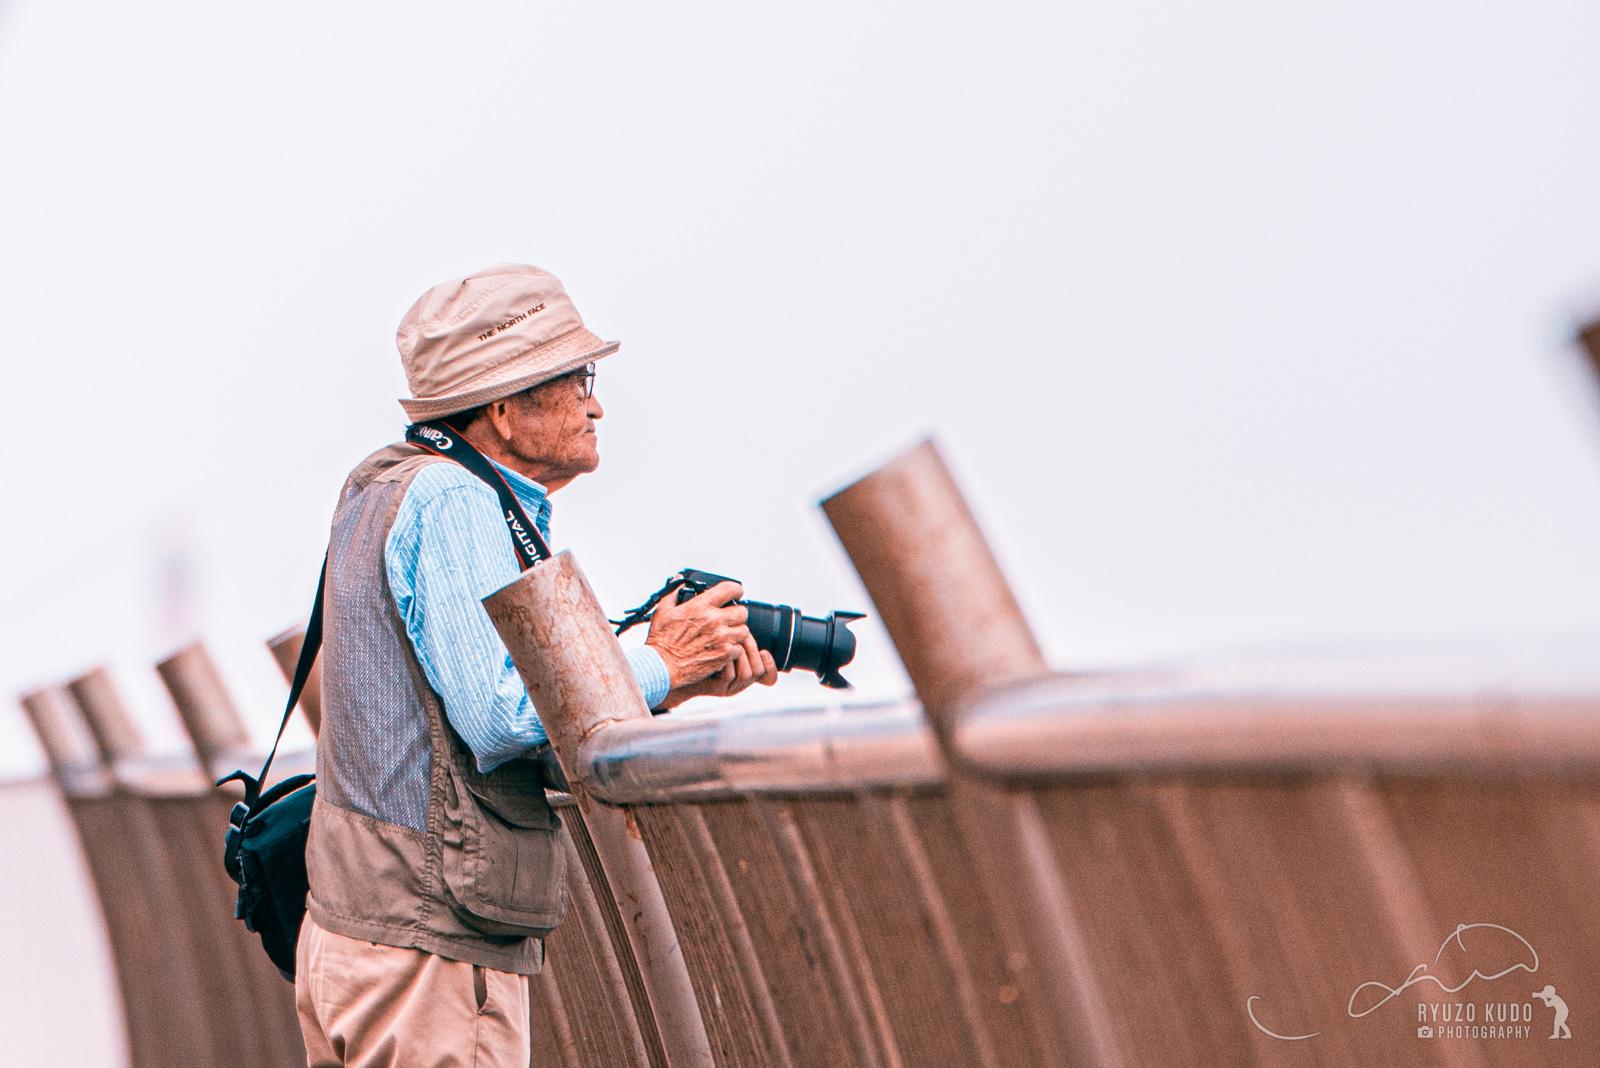 写真撮影におけるテーマの意味と重要性を改めて考えてみる